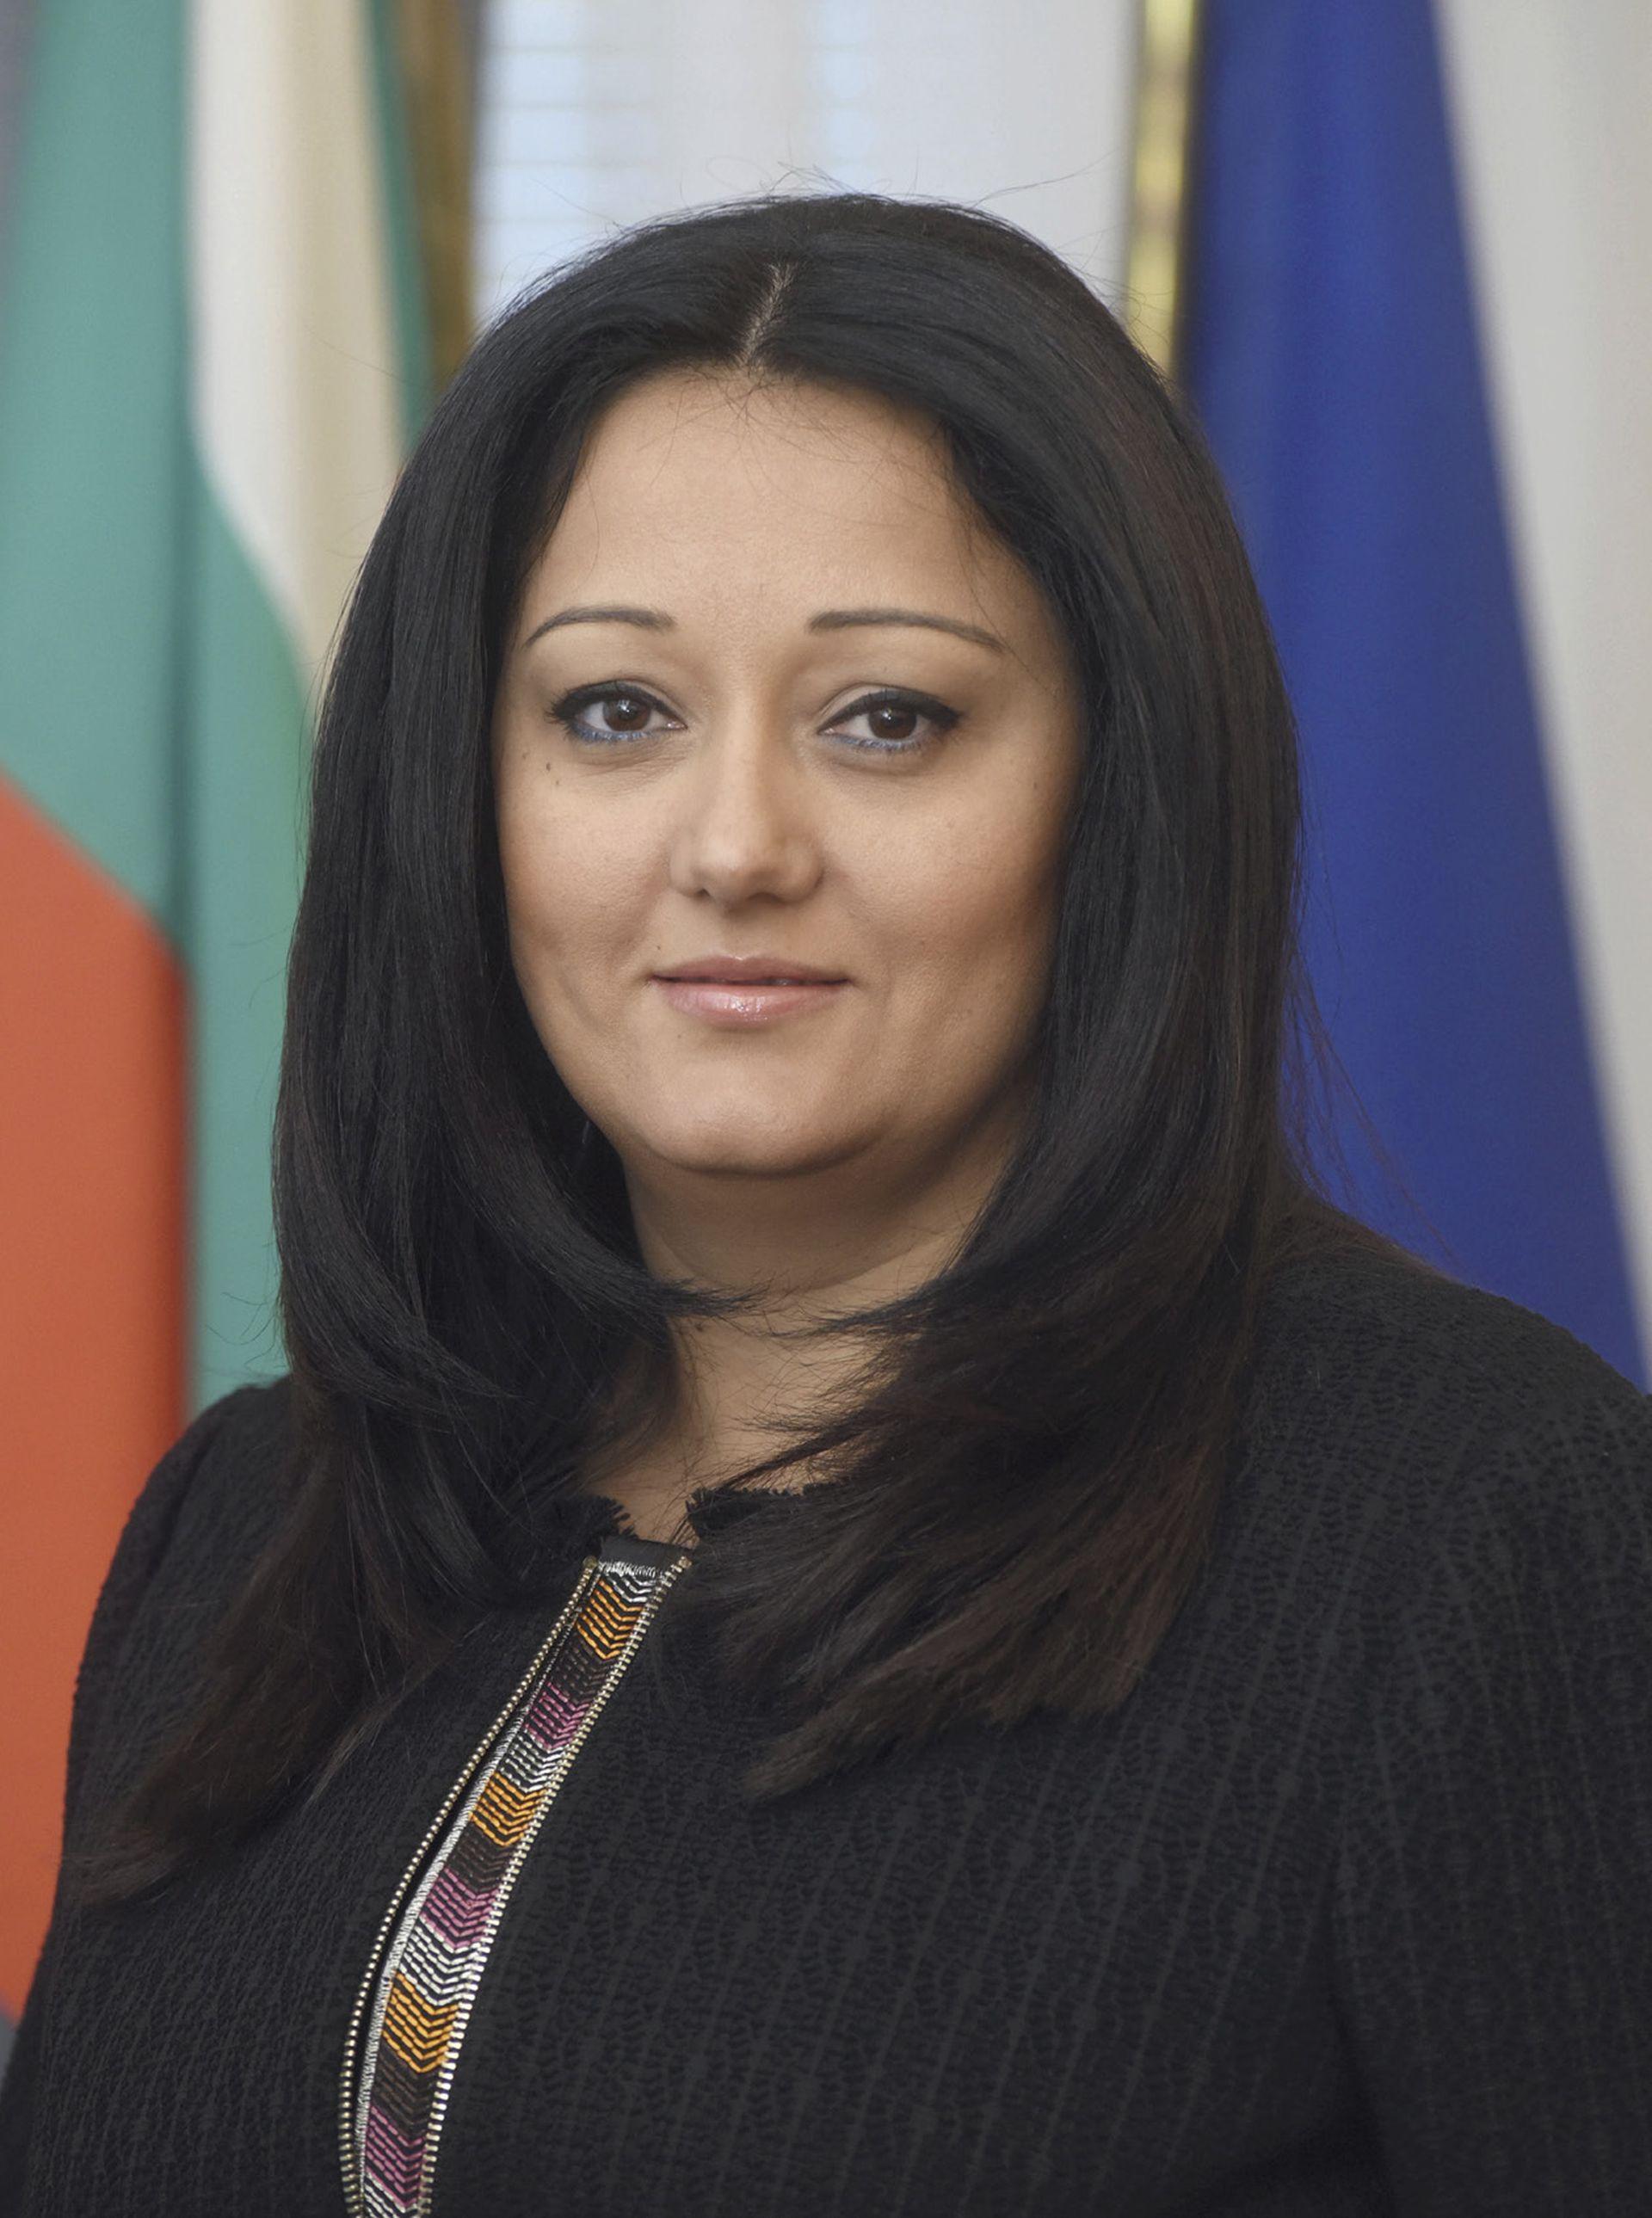 INTERVIEW: LILIANA PAVLOVA 'Vjerujemo da će Srbija i Crna Gora do 2025. postati članice Europske unije'